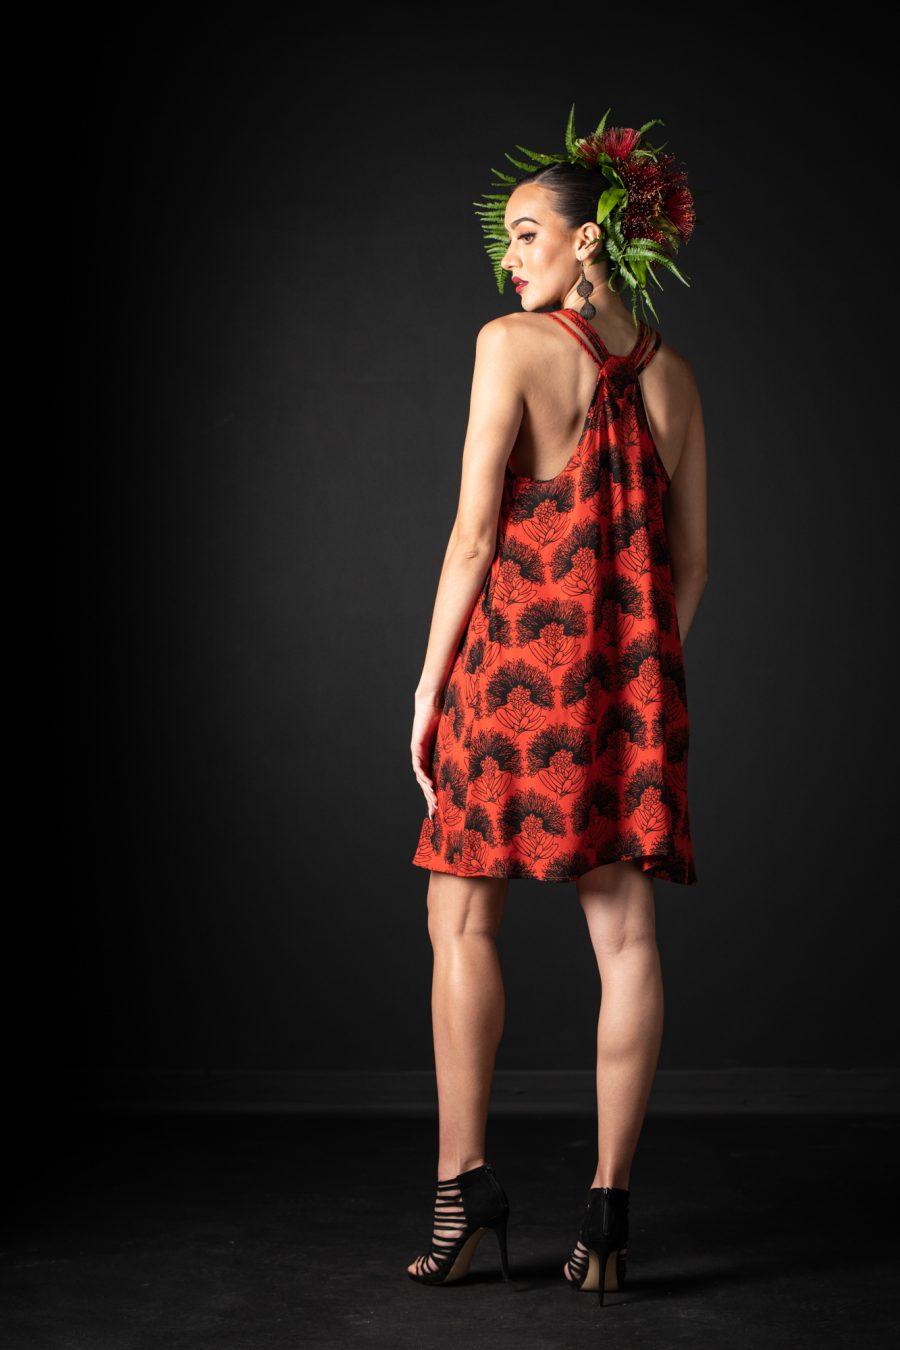 Model wearing Kaimanahila Short Dress in Firey Black-Red Kalihilehua Pattern - Back View